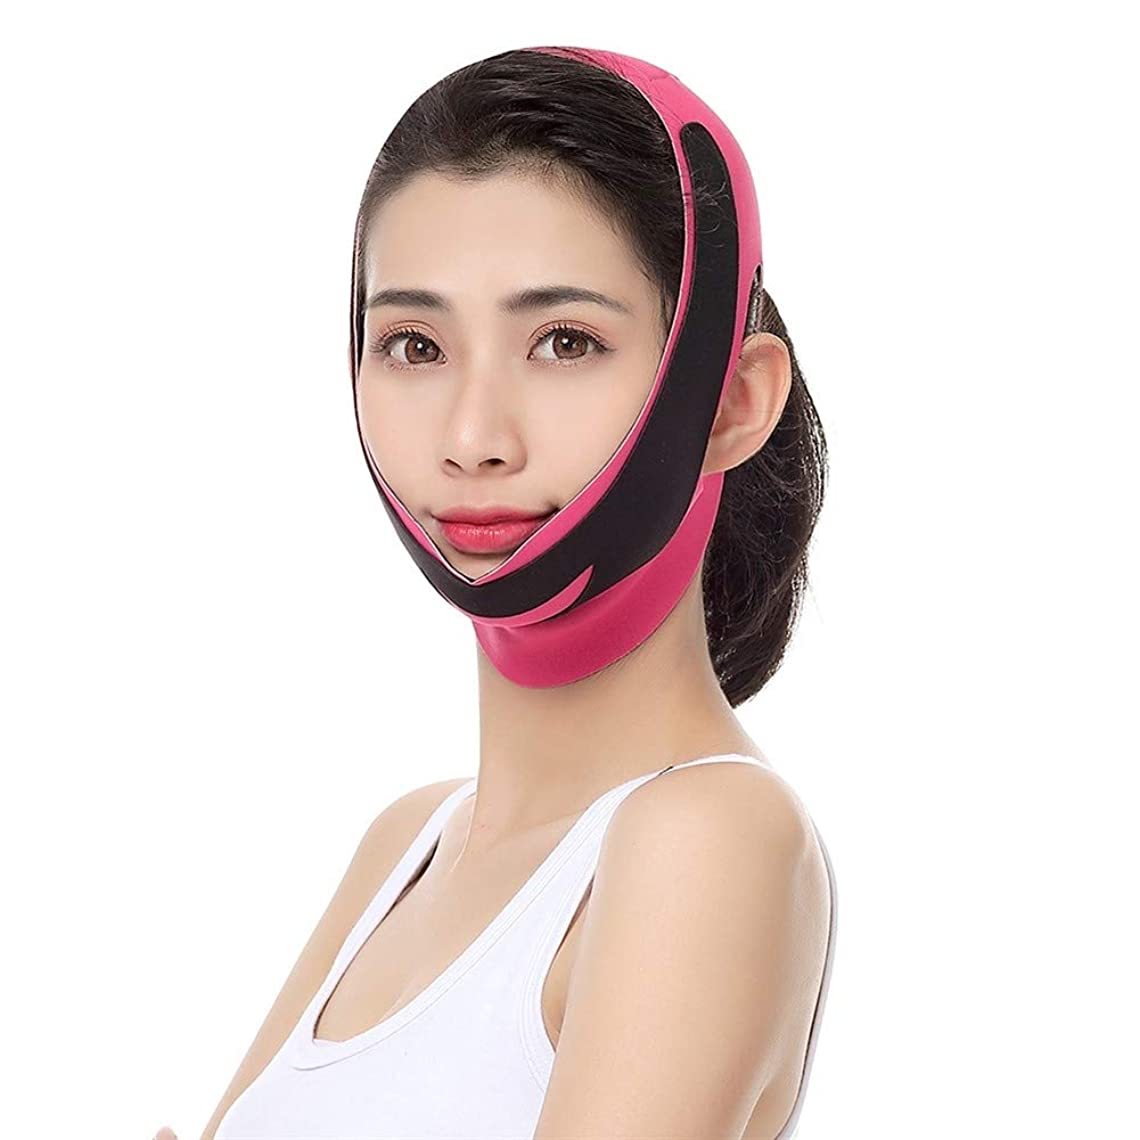 知覚するタイプ刈り取る薄い顔ベルト、フェイスリフティング包帯通気性と軽二重あご包帯?フェイシャルリフティングファーミングアンチリンクルスリープVフェイスステッカー (Color : A)